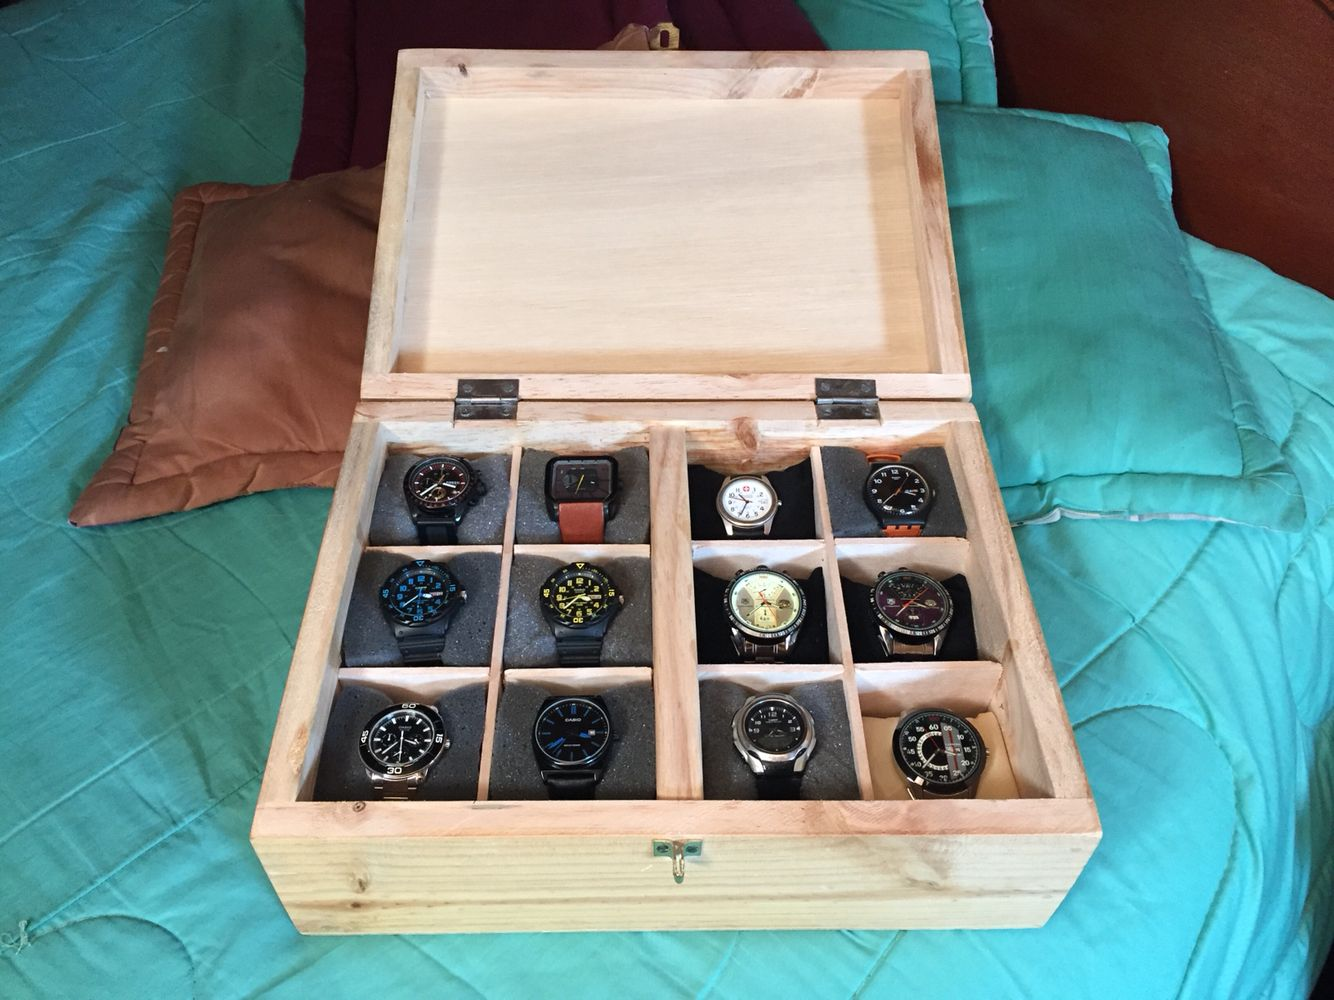 Caja para guardar los relojes estuche 399 piel 24 relojes - Cajas para guardar herramientas ...